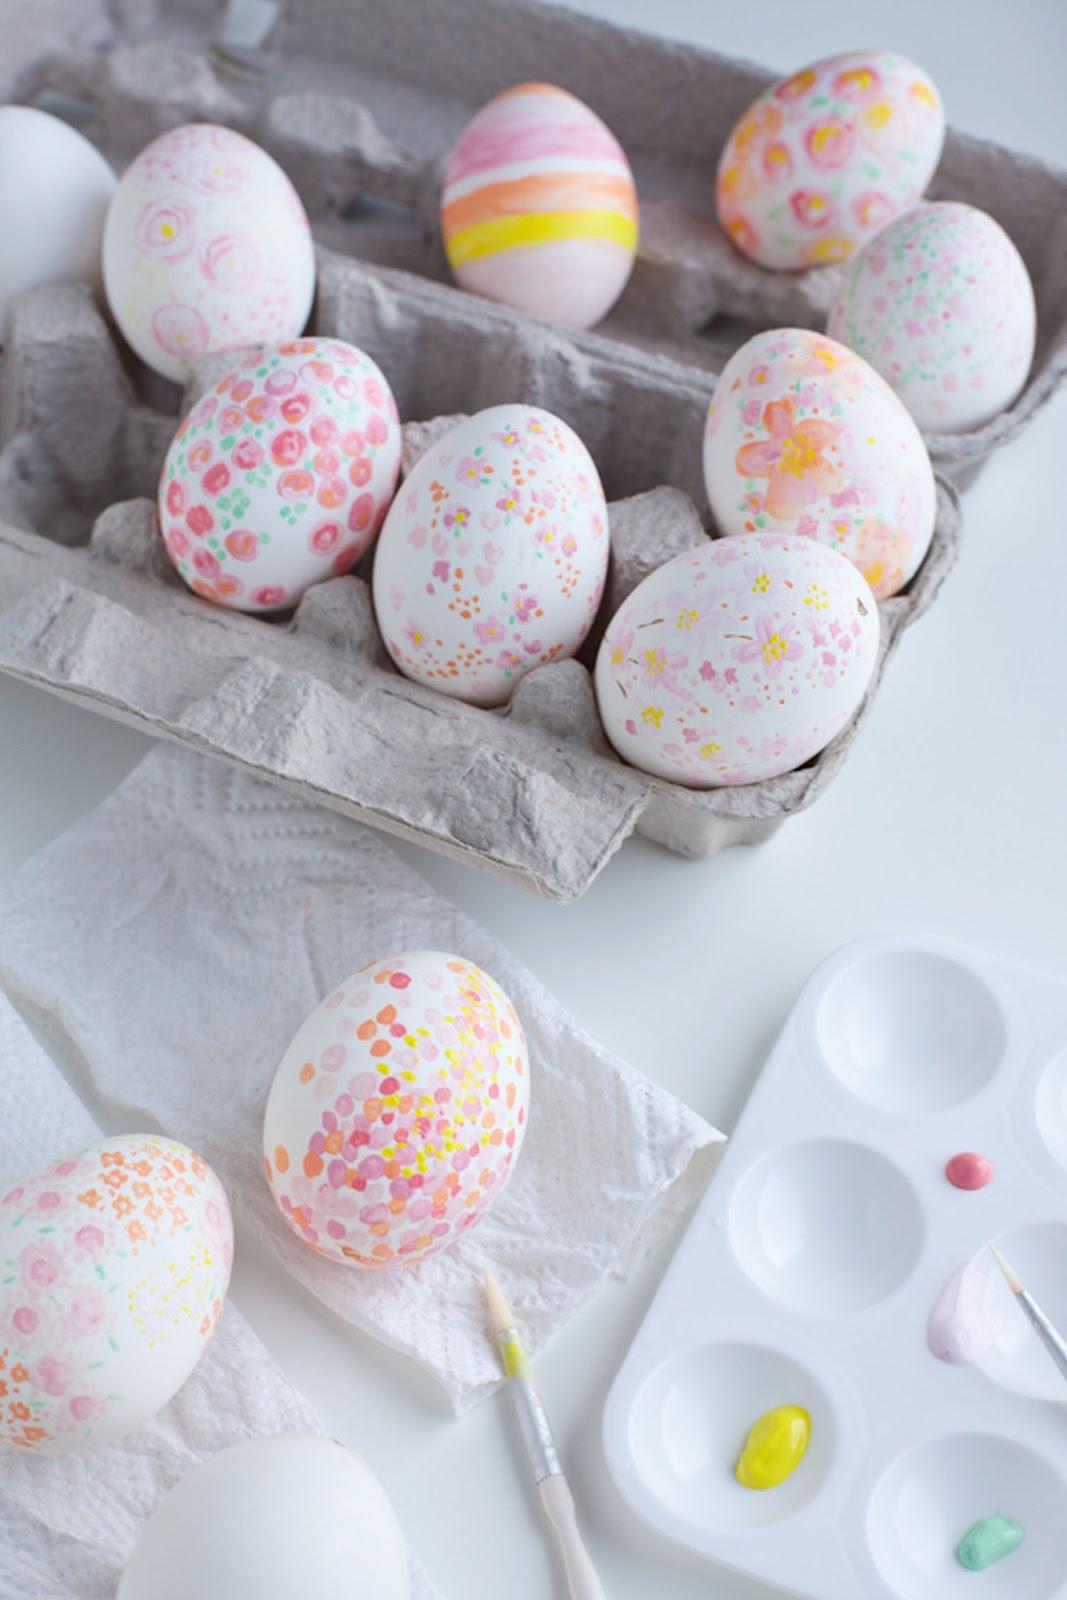 Wielkanoc | swieta | zwyczaje